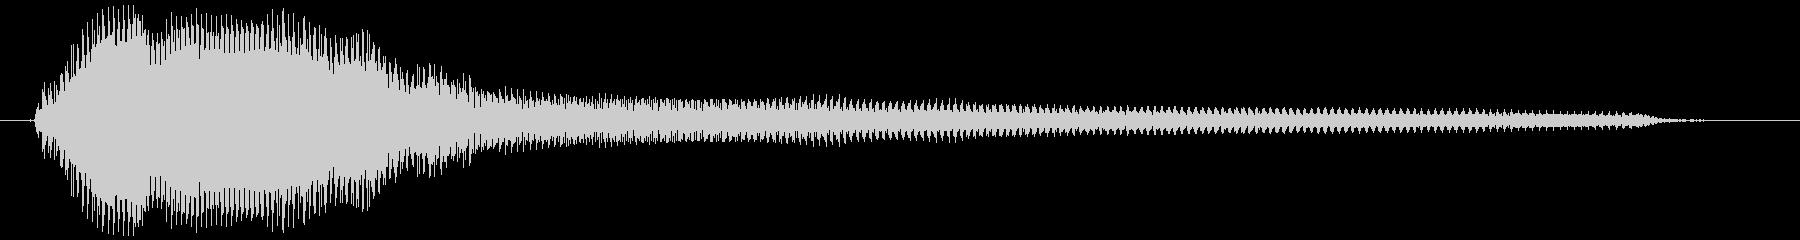 びっくりチキン 鳴き声(長め)の未再生の波形